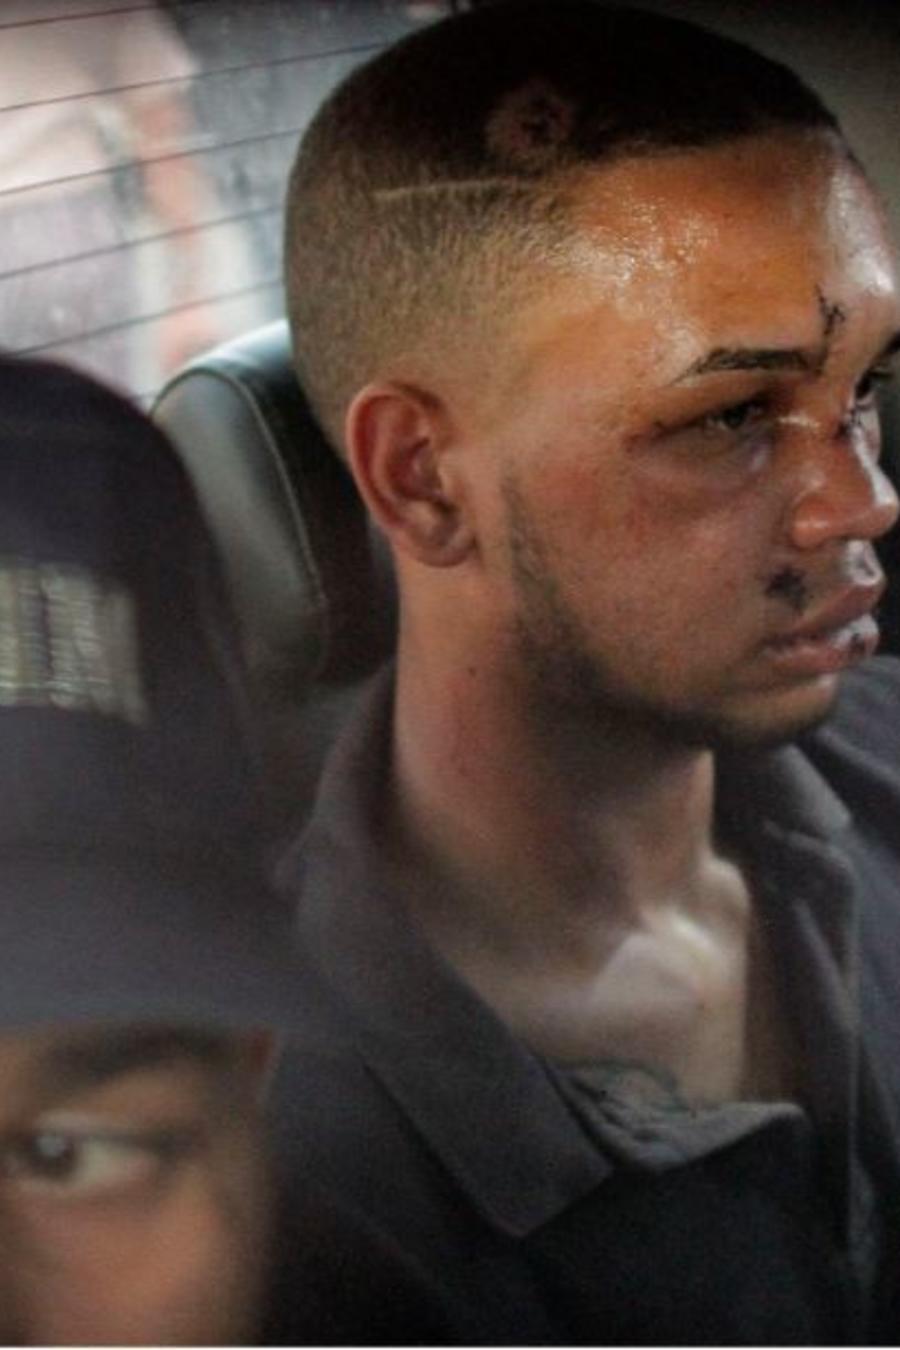 Eddy Vladimir Féliz Garcia, en custodia en relación con el tiroteo contra David Ortiz es trasladado por la policía a la corte este martes en Santo Domingo, República Dominicana.